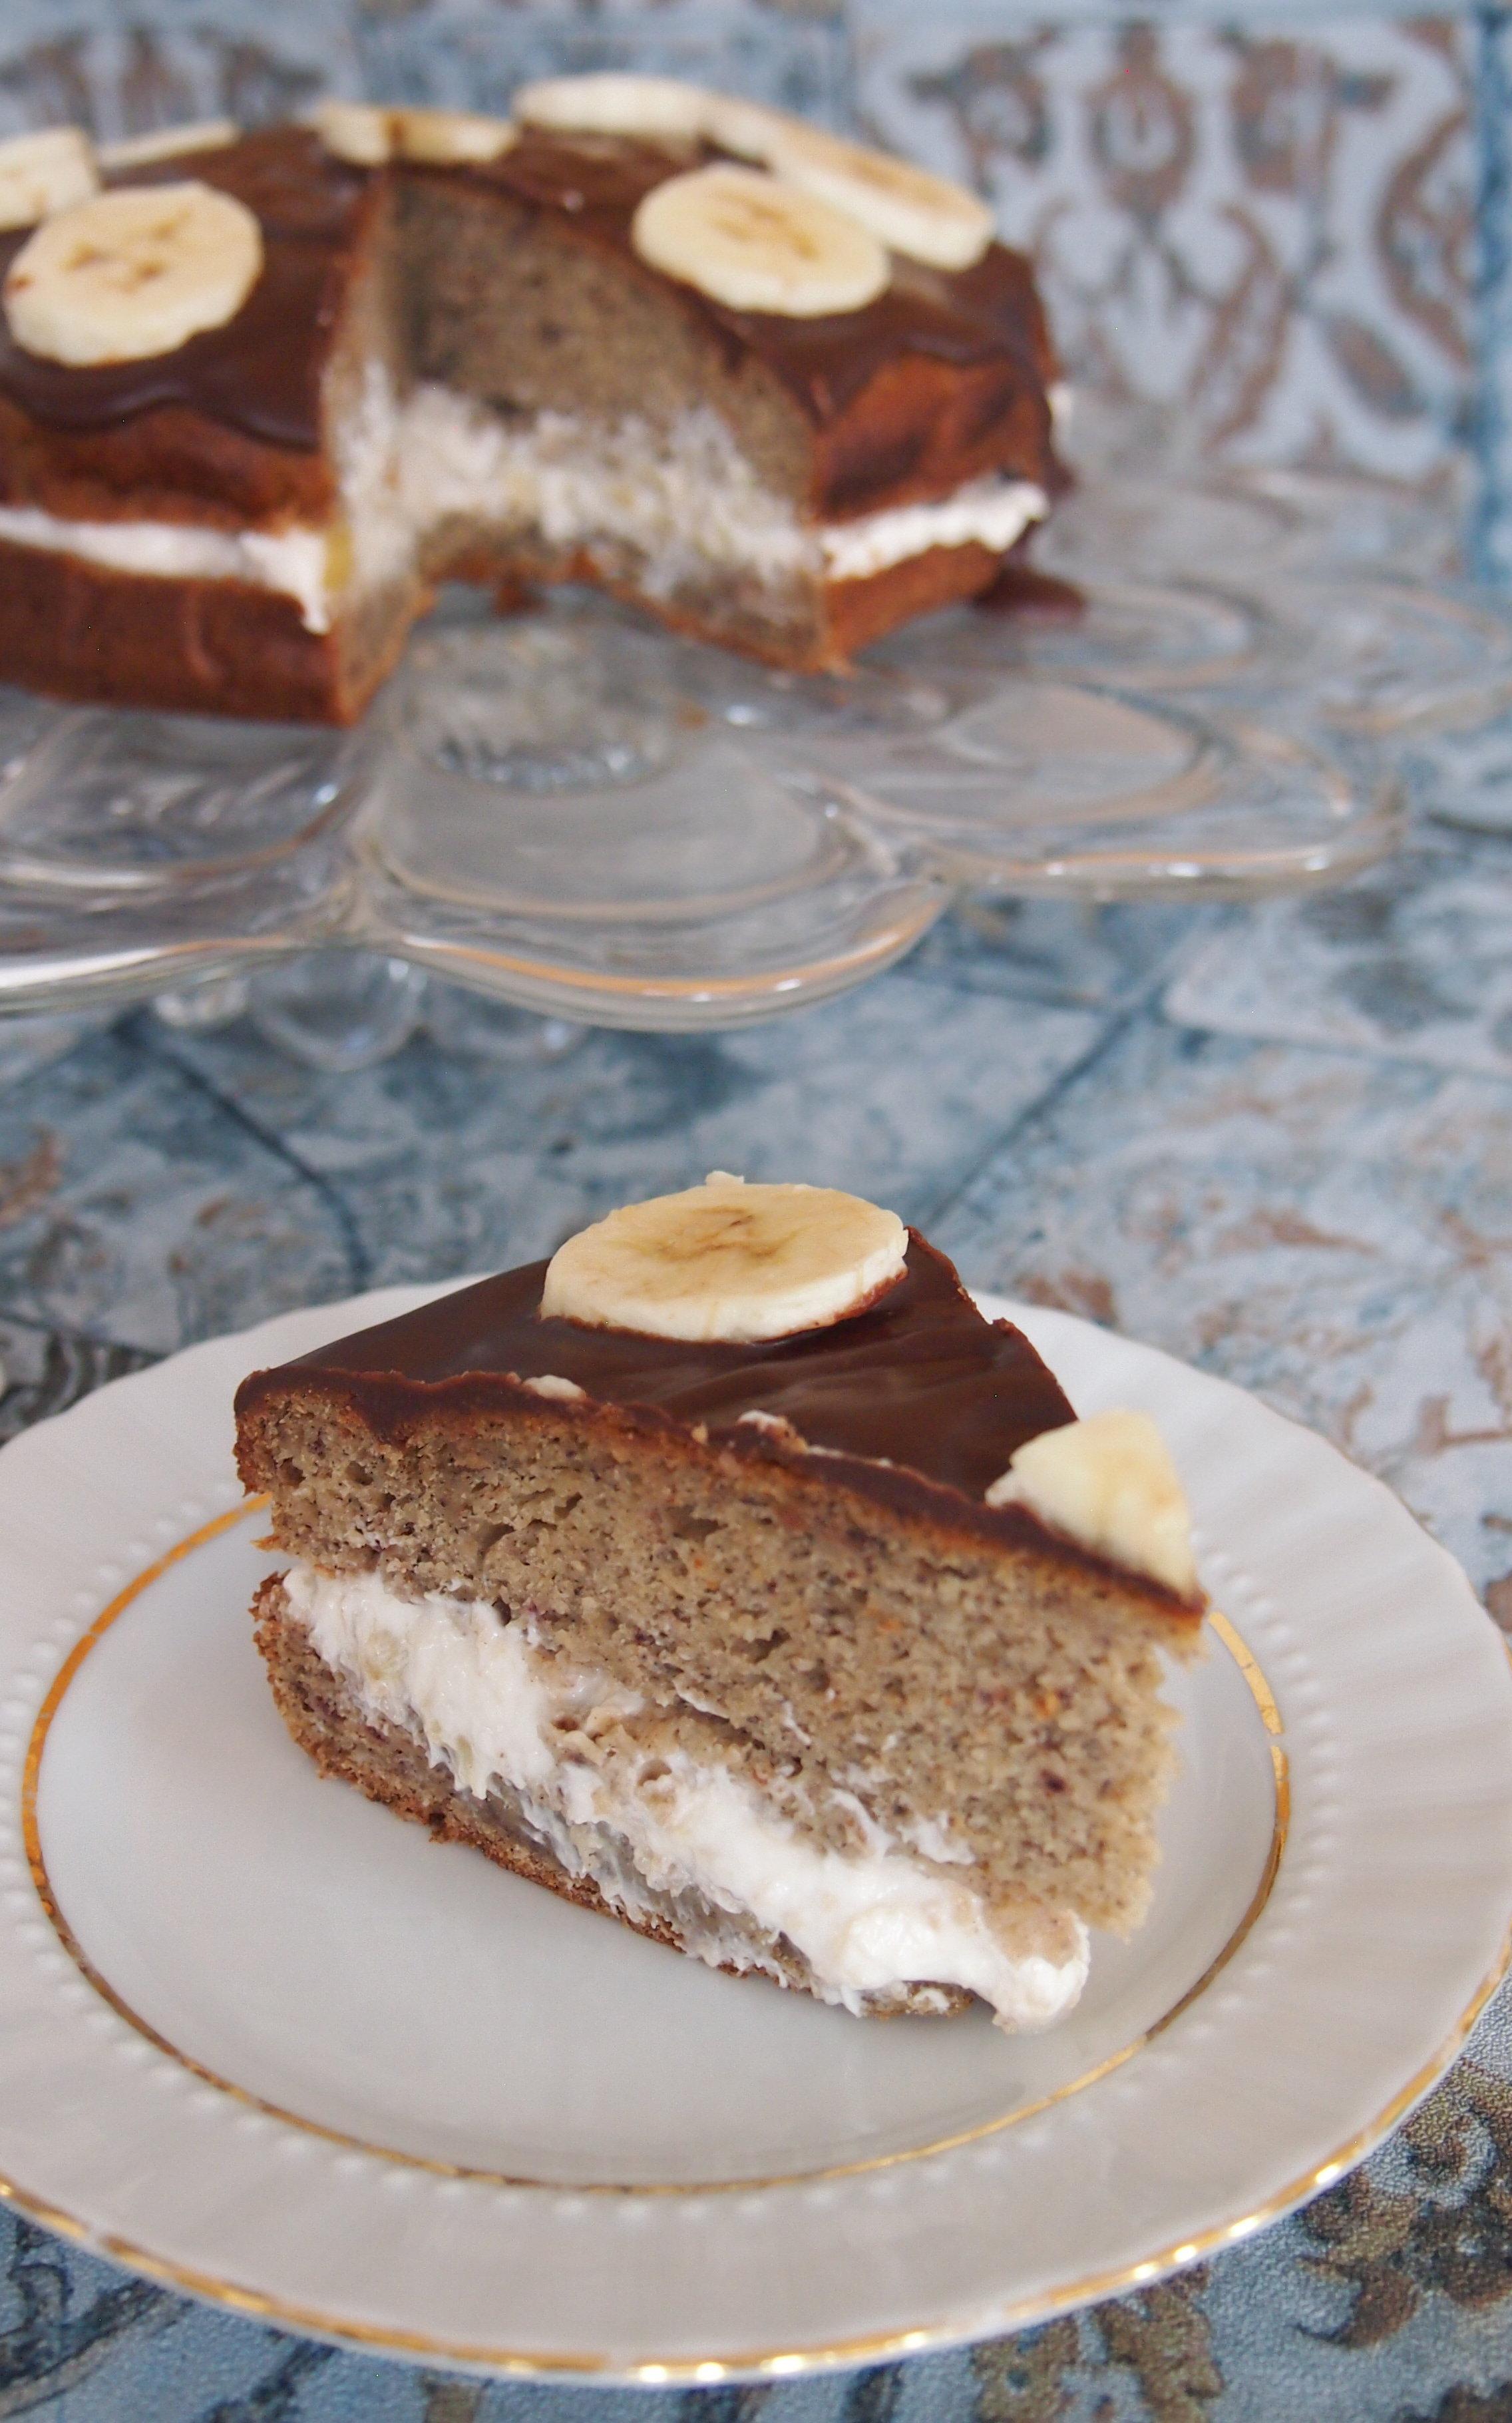 Saftige gesunde Bananentorte ohne raffinierten Zucker mit einer Quarkcreme und einer selbstgemachten Schokoladenglasur